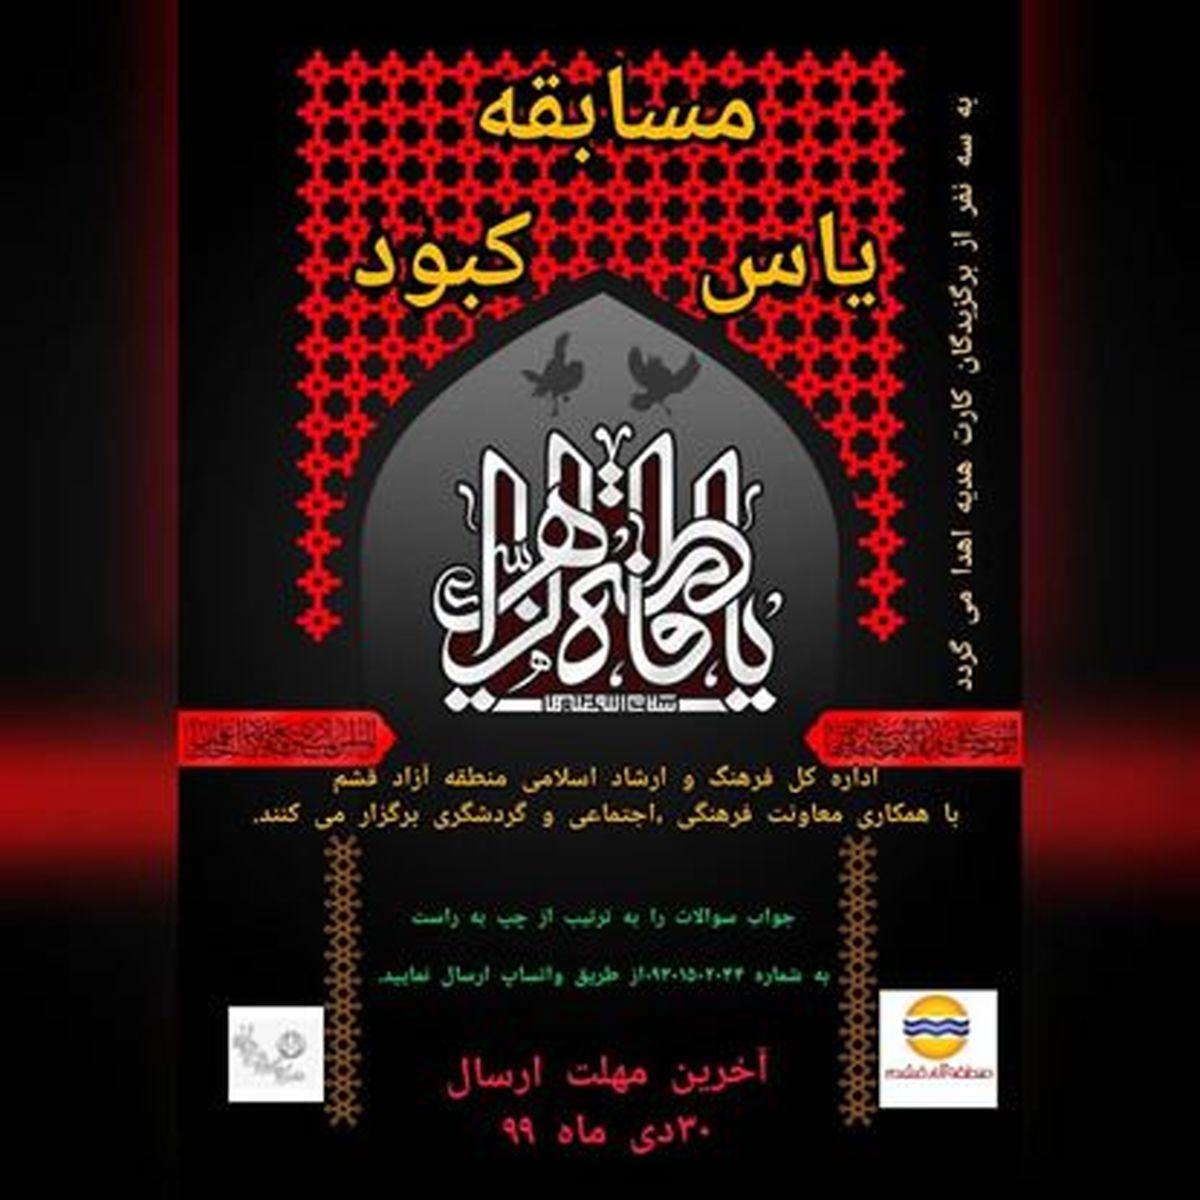 برندگان مسابقه کتابخوانی «یاس کبود» قشم معرفی شدند